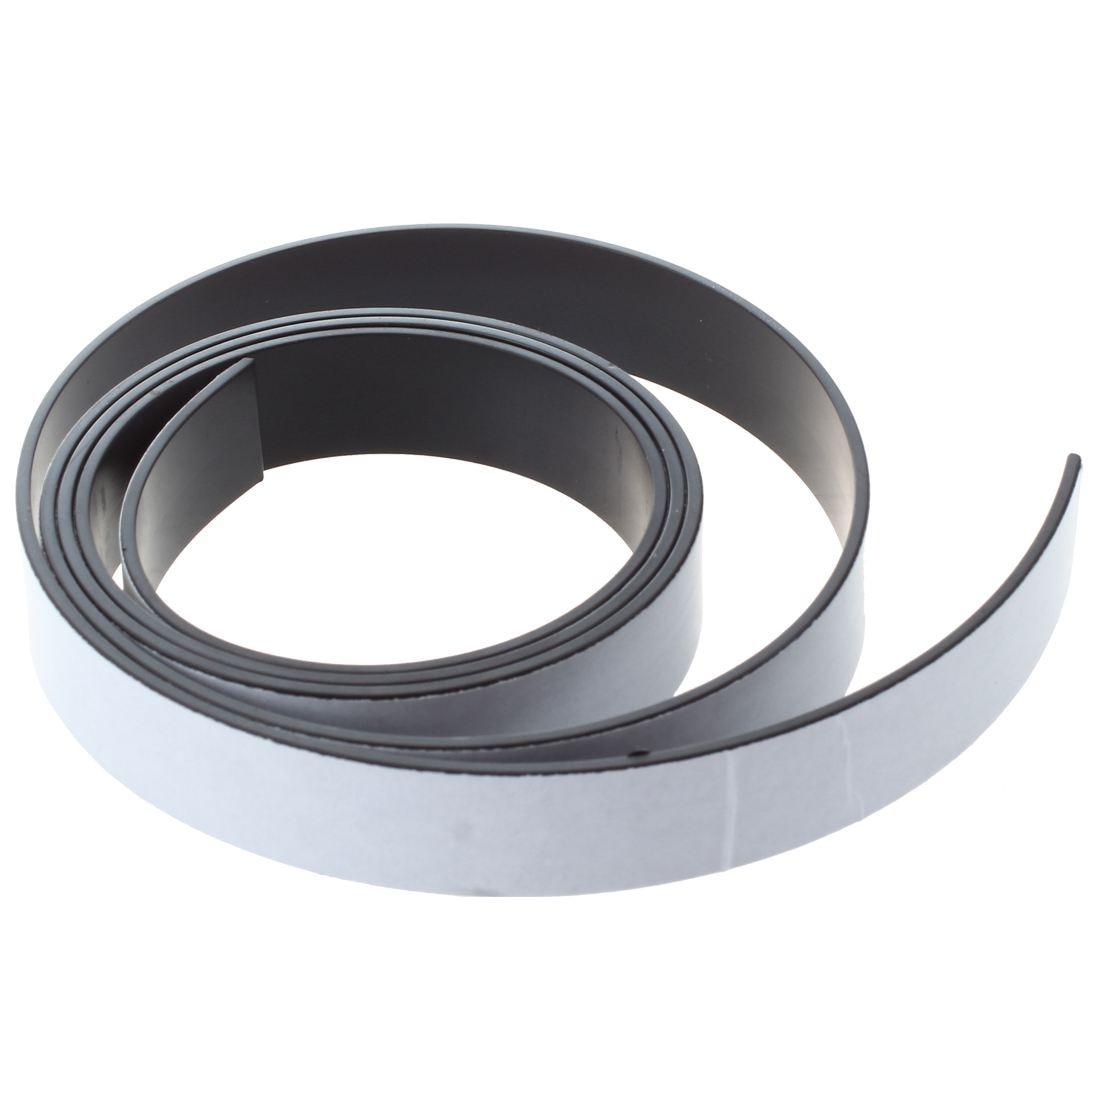 Fenster Hardware Sparsam 1 Mt Band Magnet Magnetische Flexible Roller Streifen Magnet Klebestreifen 10x1,5mm